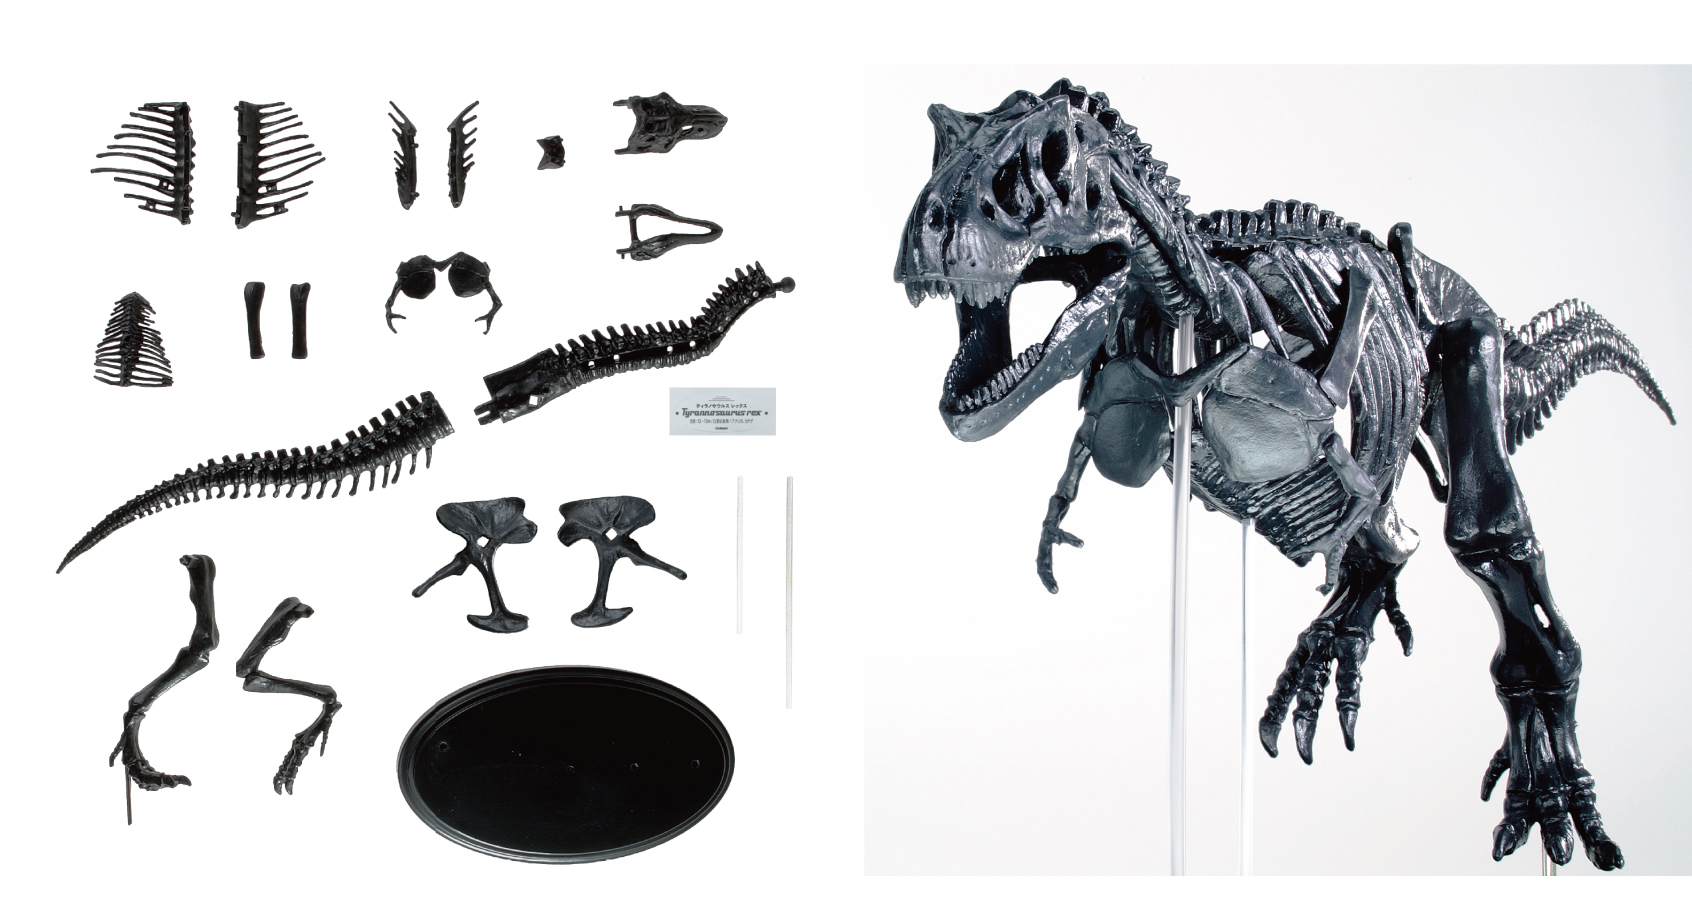 「17個の骨格パーツを組み合わせてティラノサウルスの骨格」画像